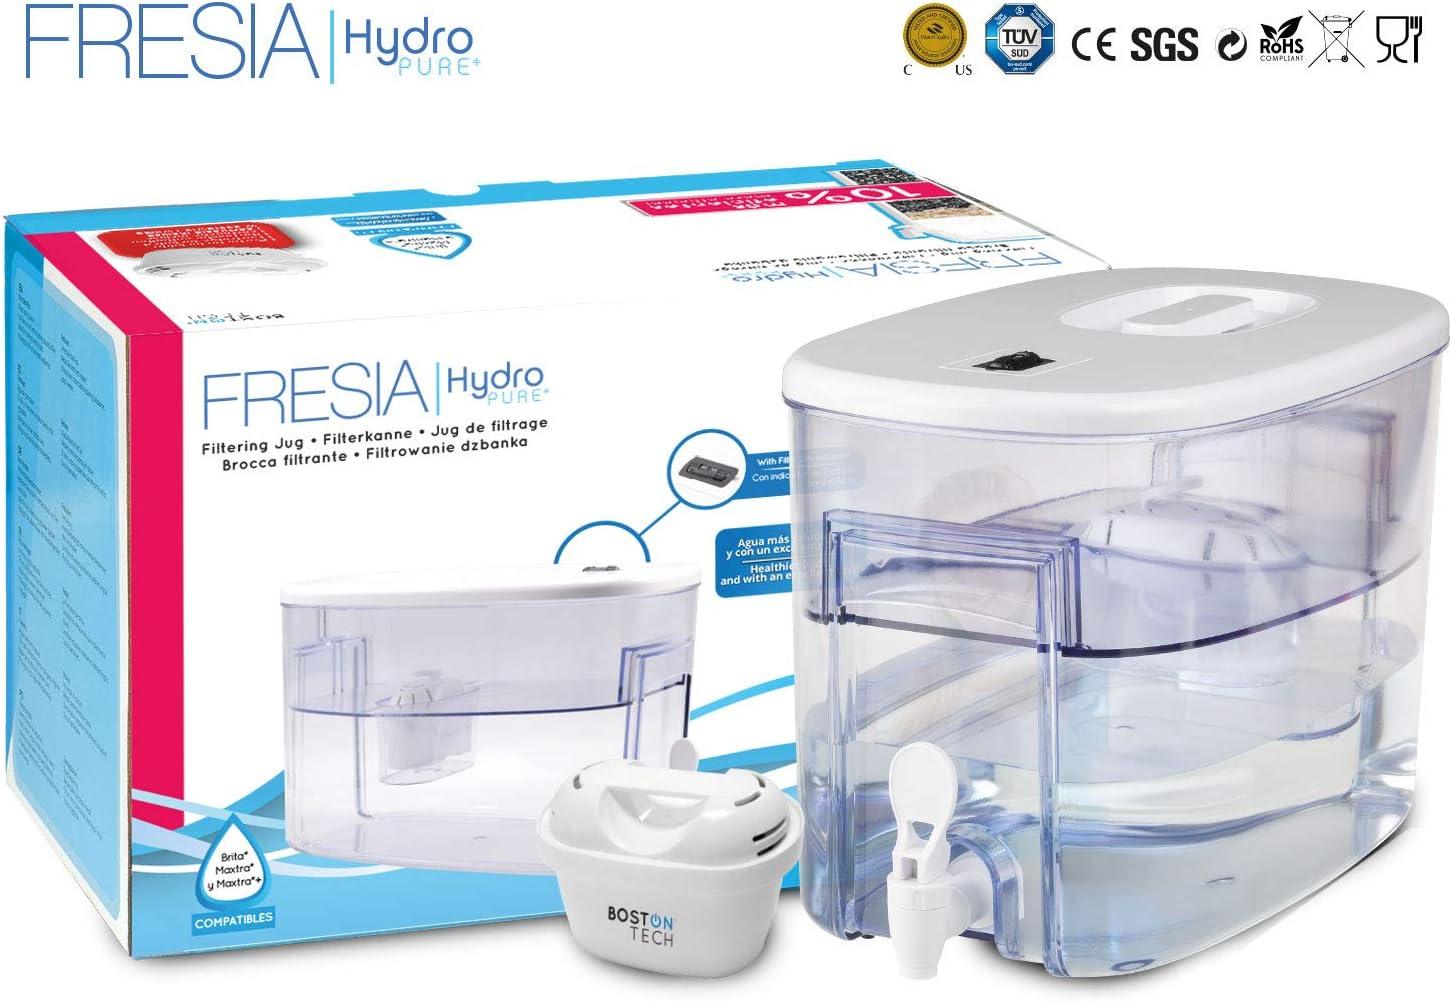 Boston Tech Fresia, dispensador de Agua Filtrada Compatible con filtros Brita Maxtra 9 litros. Un Filtro de Regalo. (Fresia)